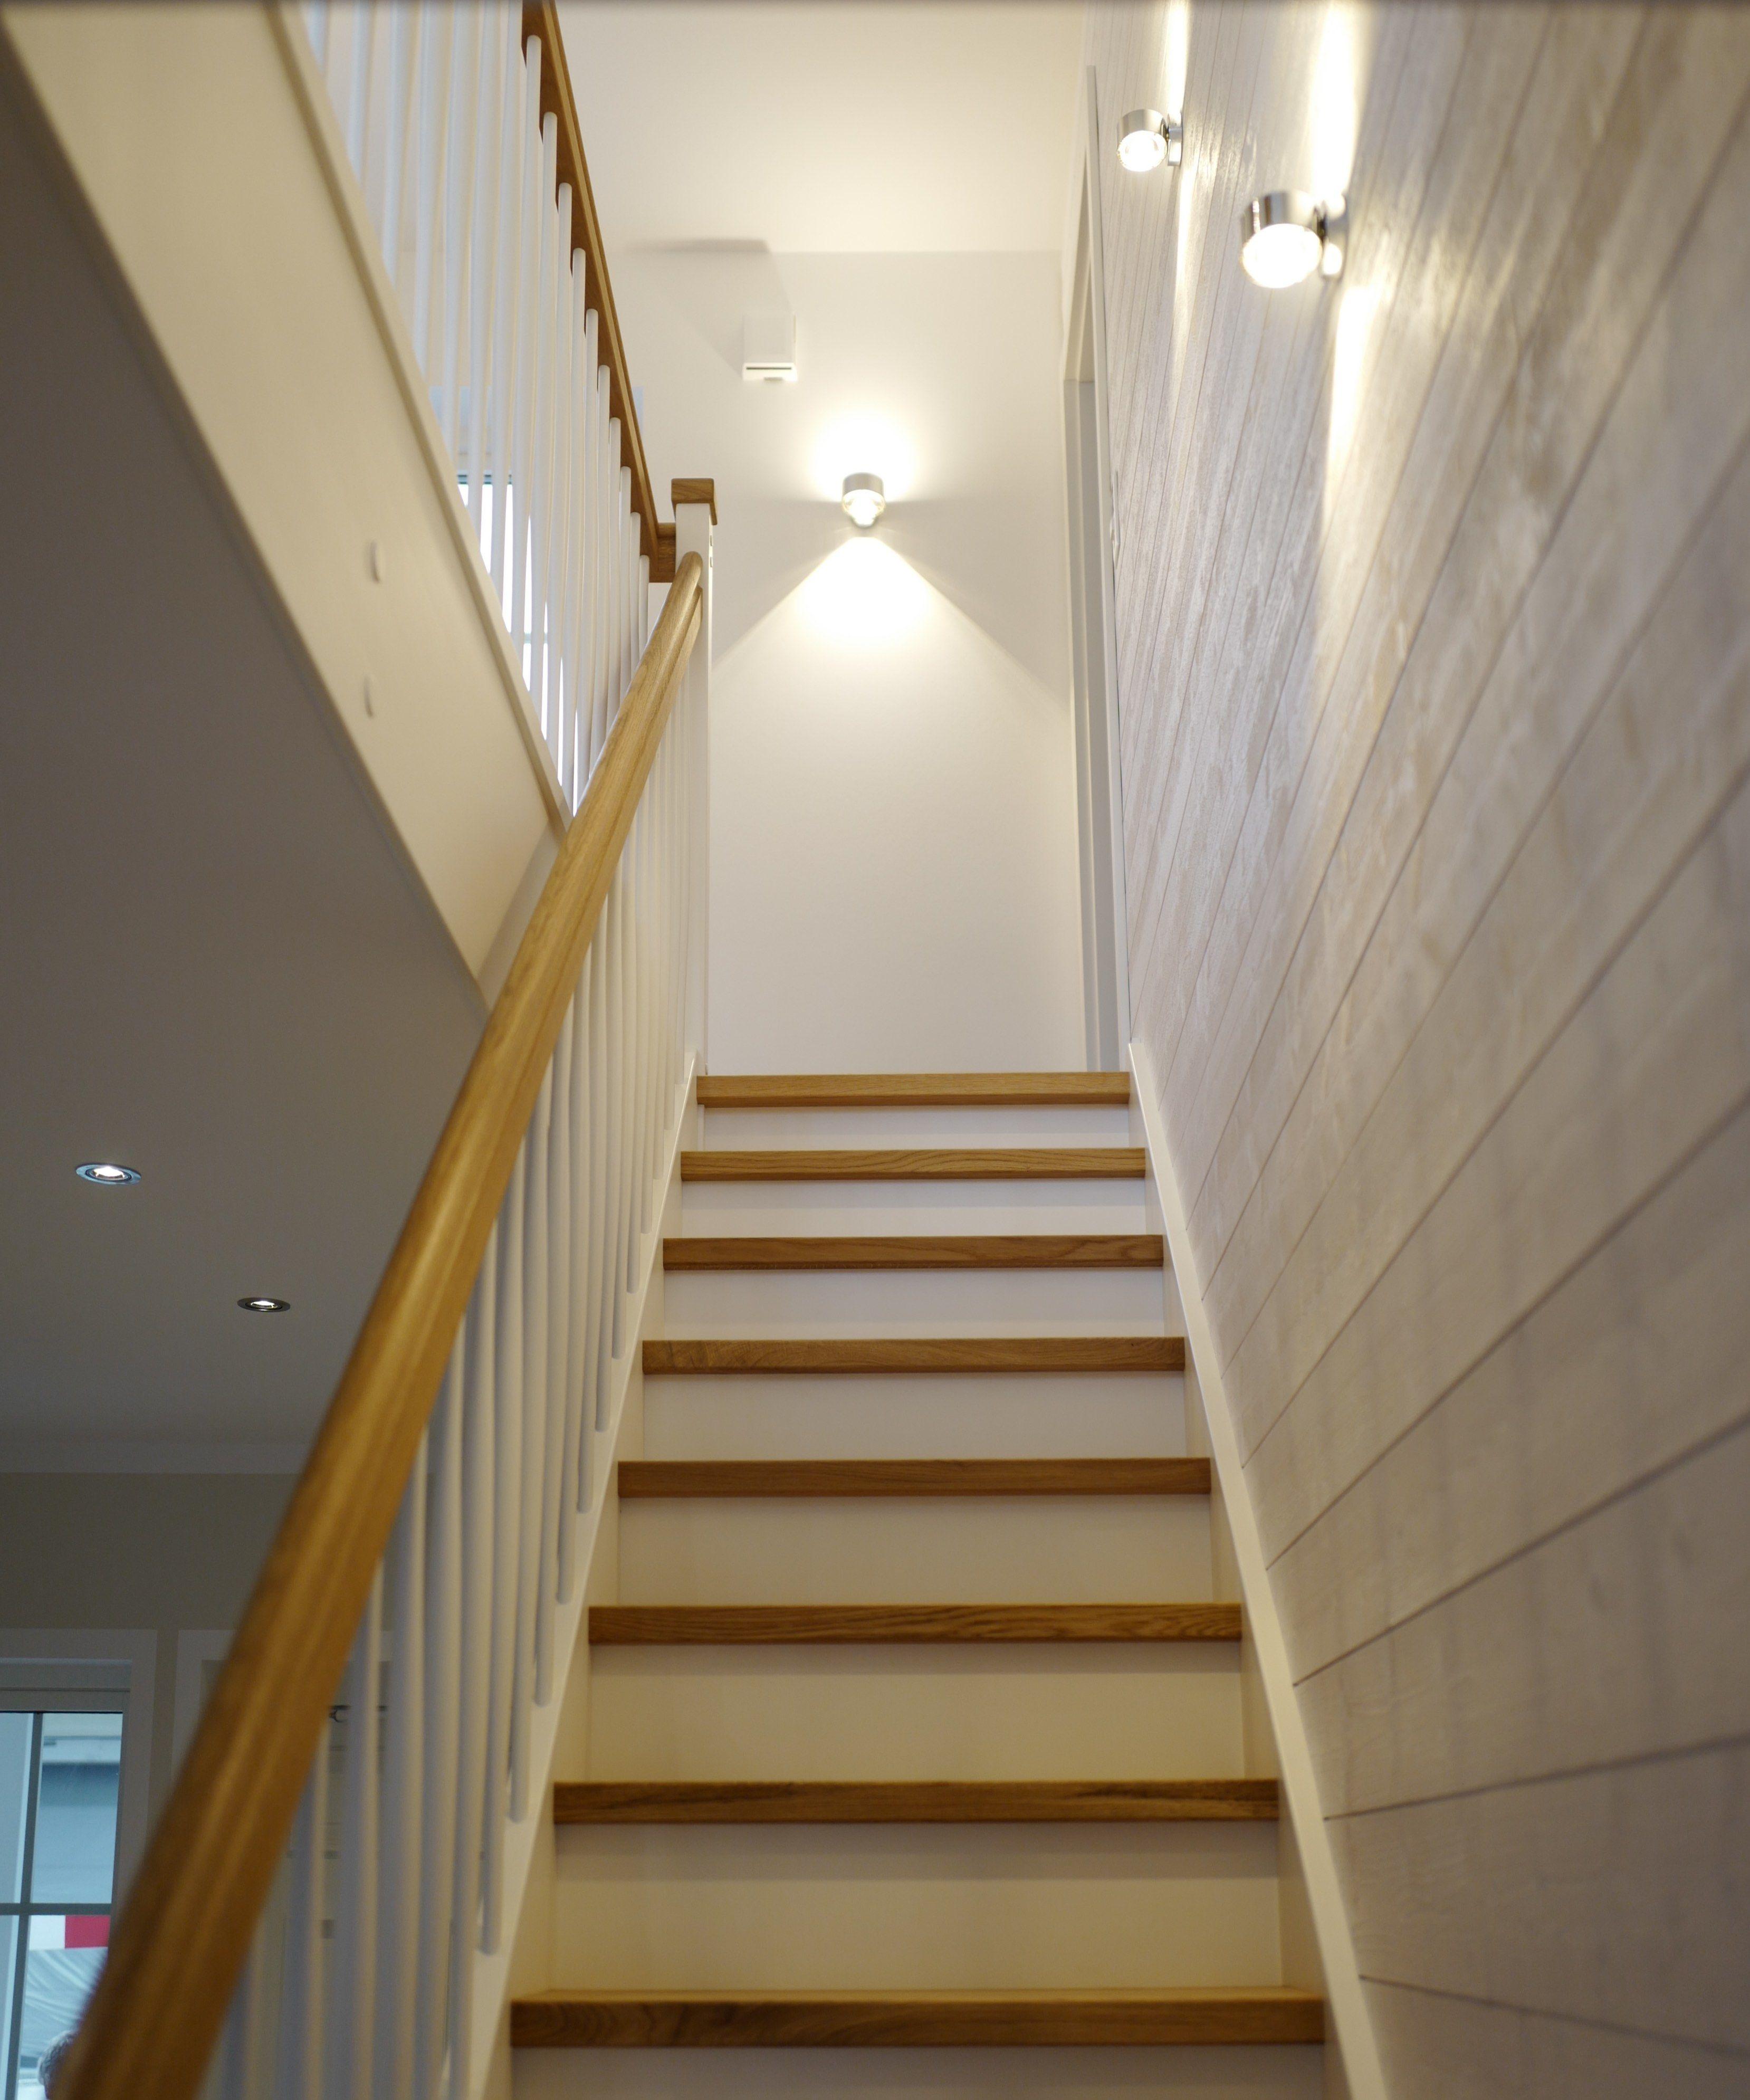 indirekte beleuchtung einer geraden bei en treppe die seitenwand ist mit s gerohem wei em holz. Black Bedroom Furniture Sets. Home Design Ideas